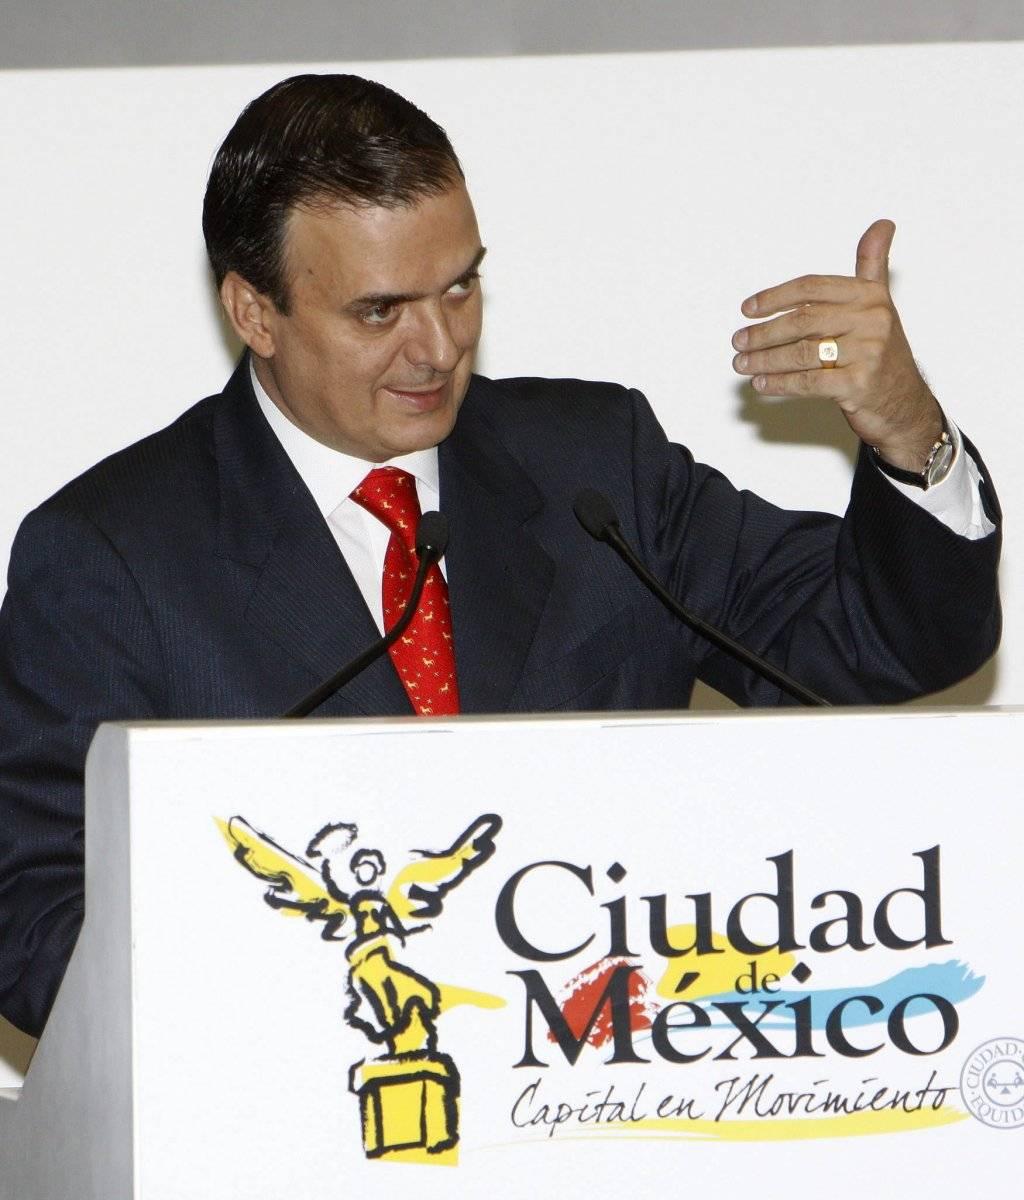 2009.- Presentaba en la capital mexicana un programa para que los ciudadanos denunciaran delitos y abuso policial con un mensaje de texto vía celular. Foto: EFE